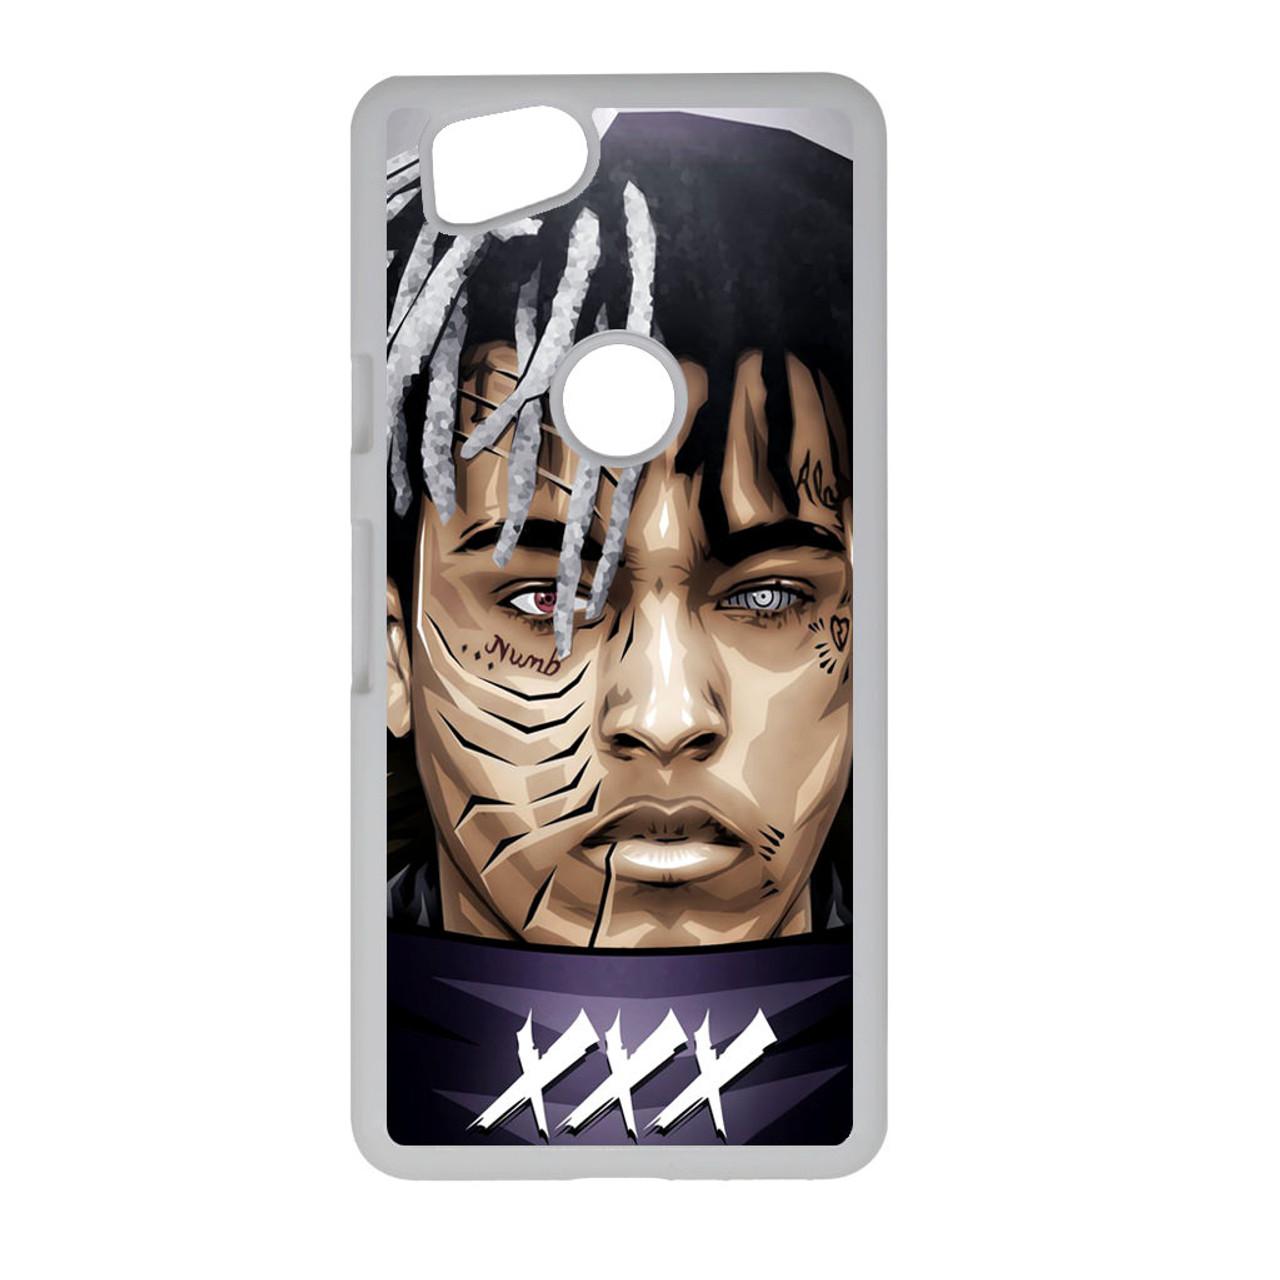 XXXTentacion 2 iphone case